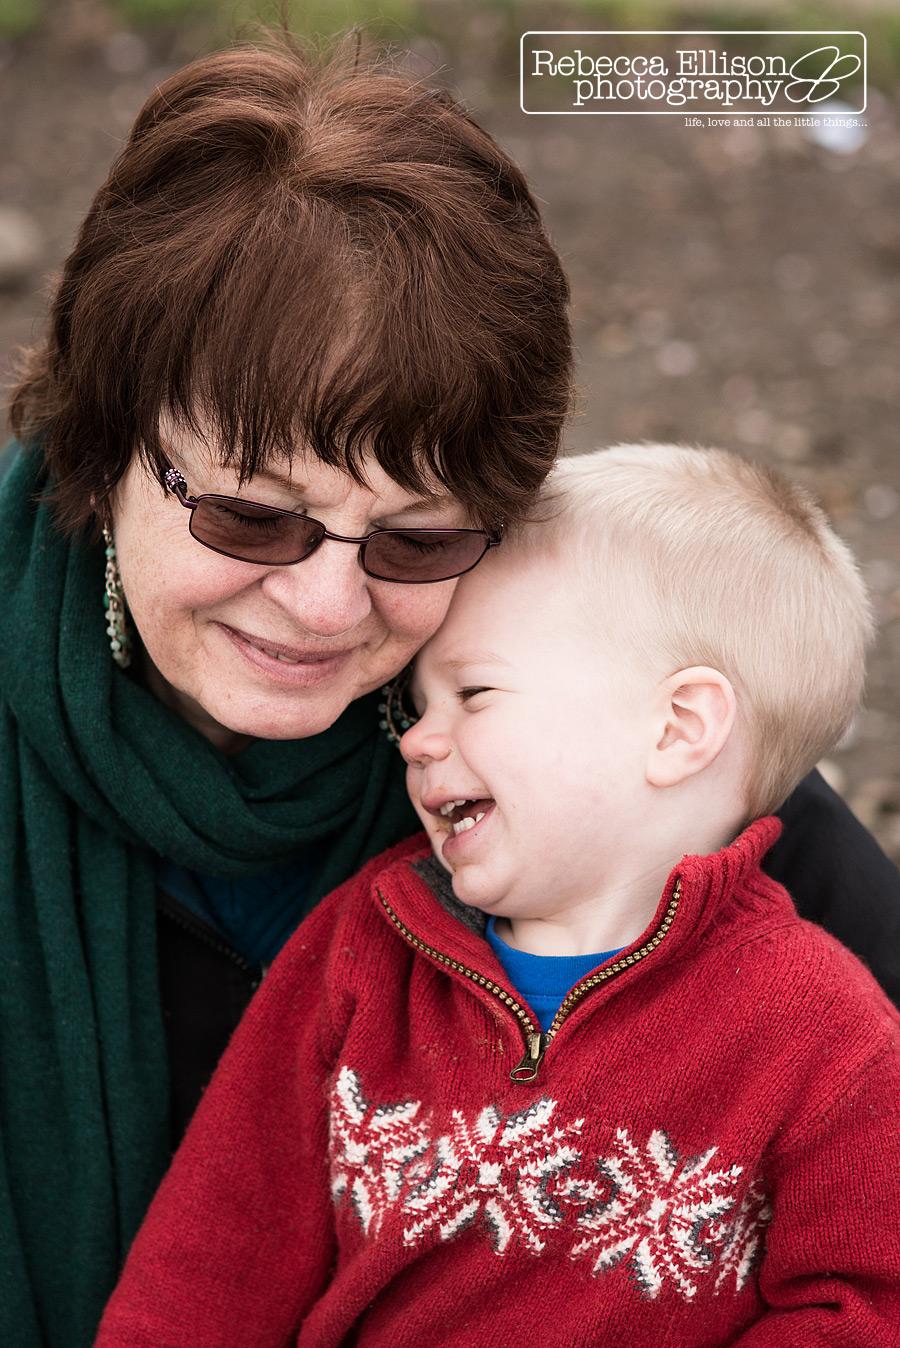 grandma snuggles young grandson